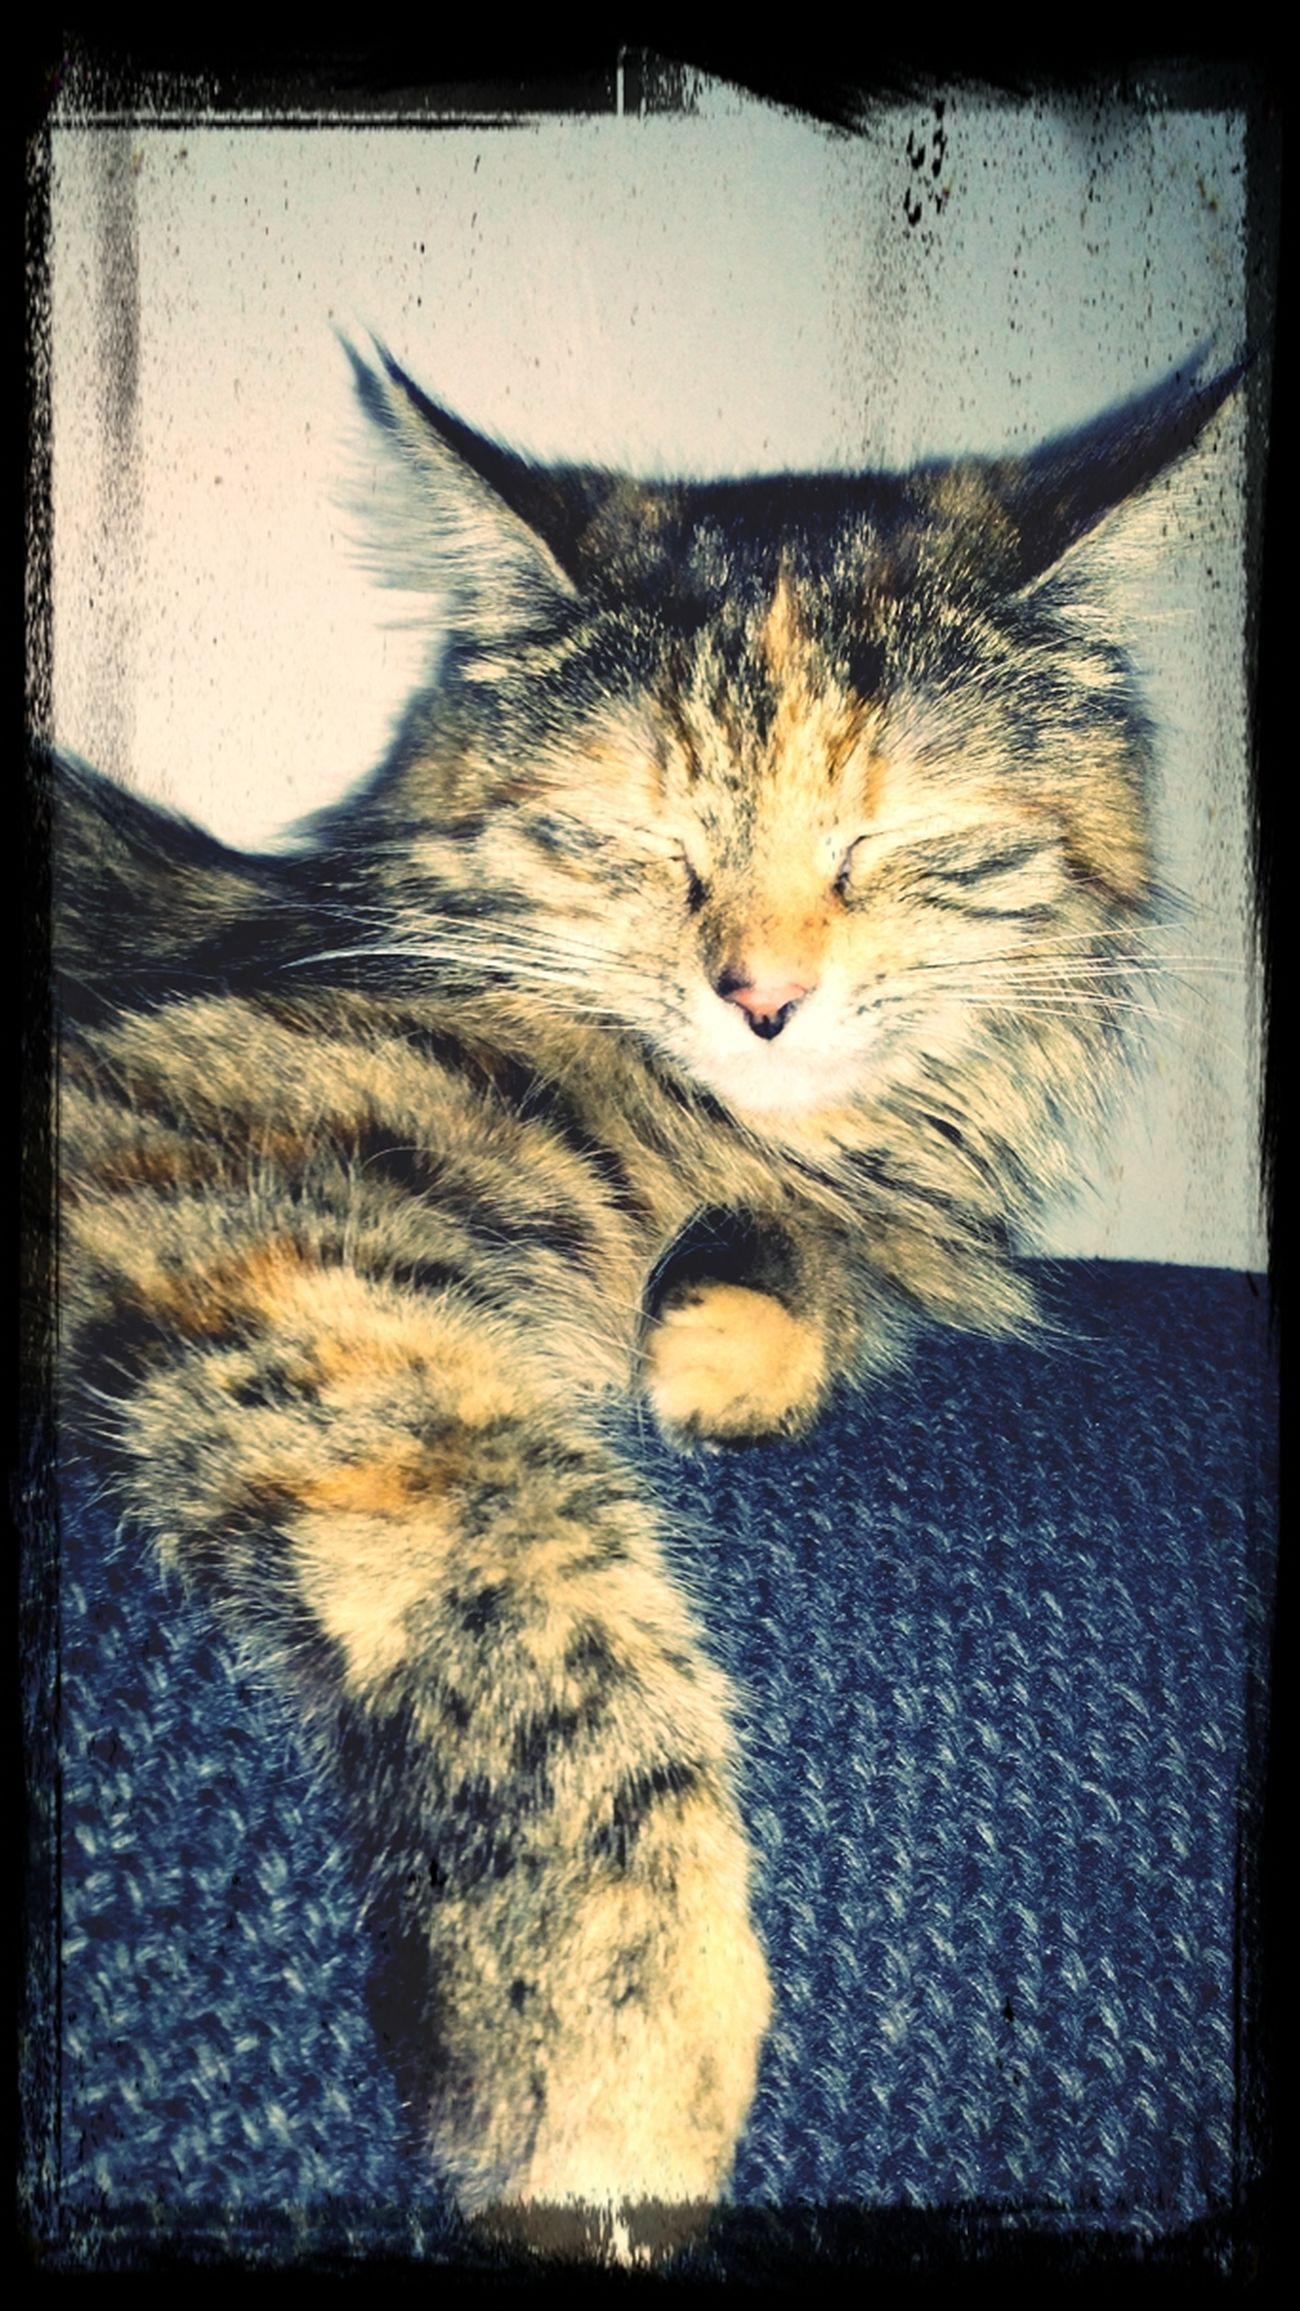 KittyKat